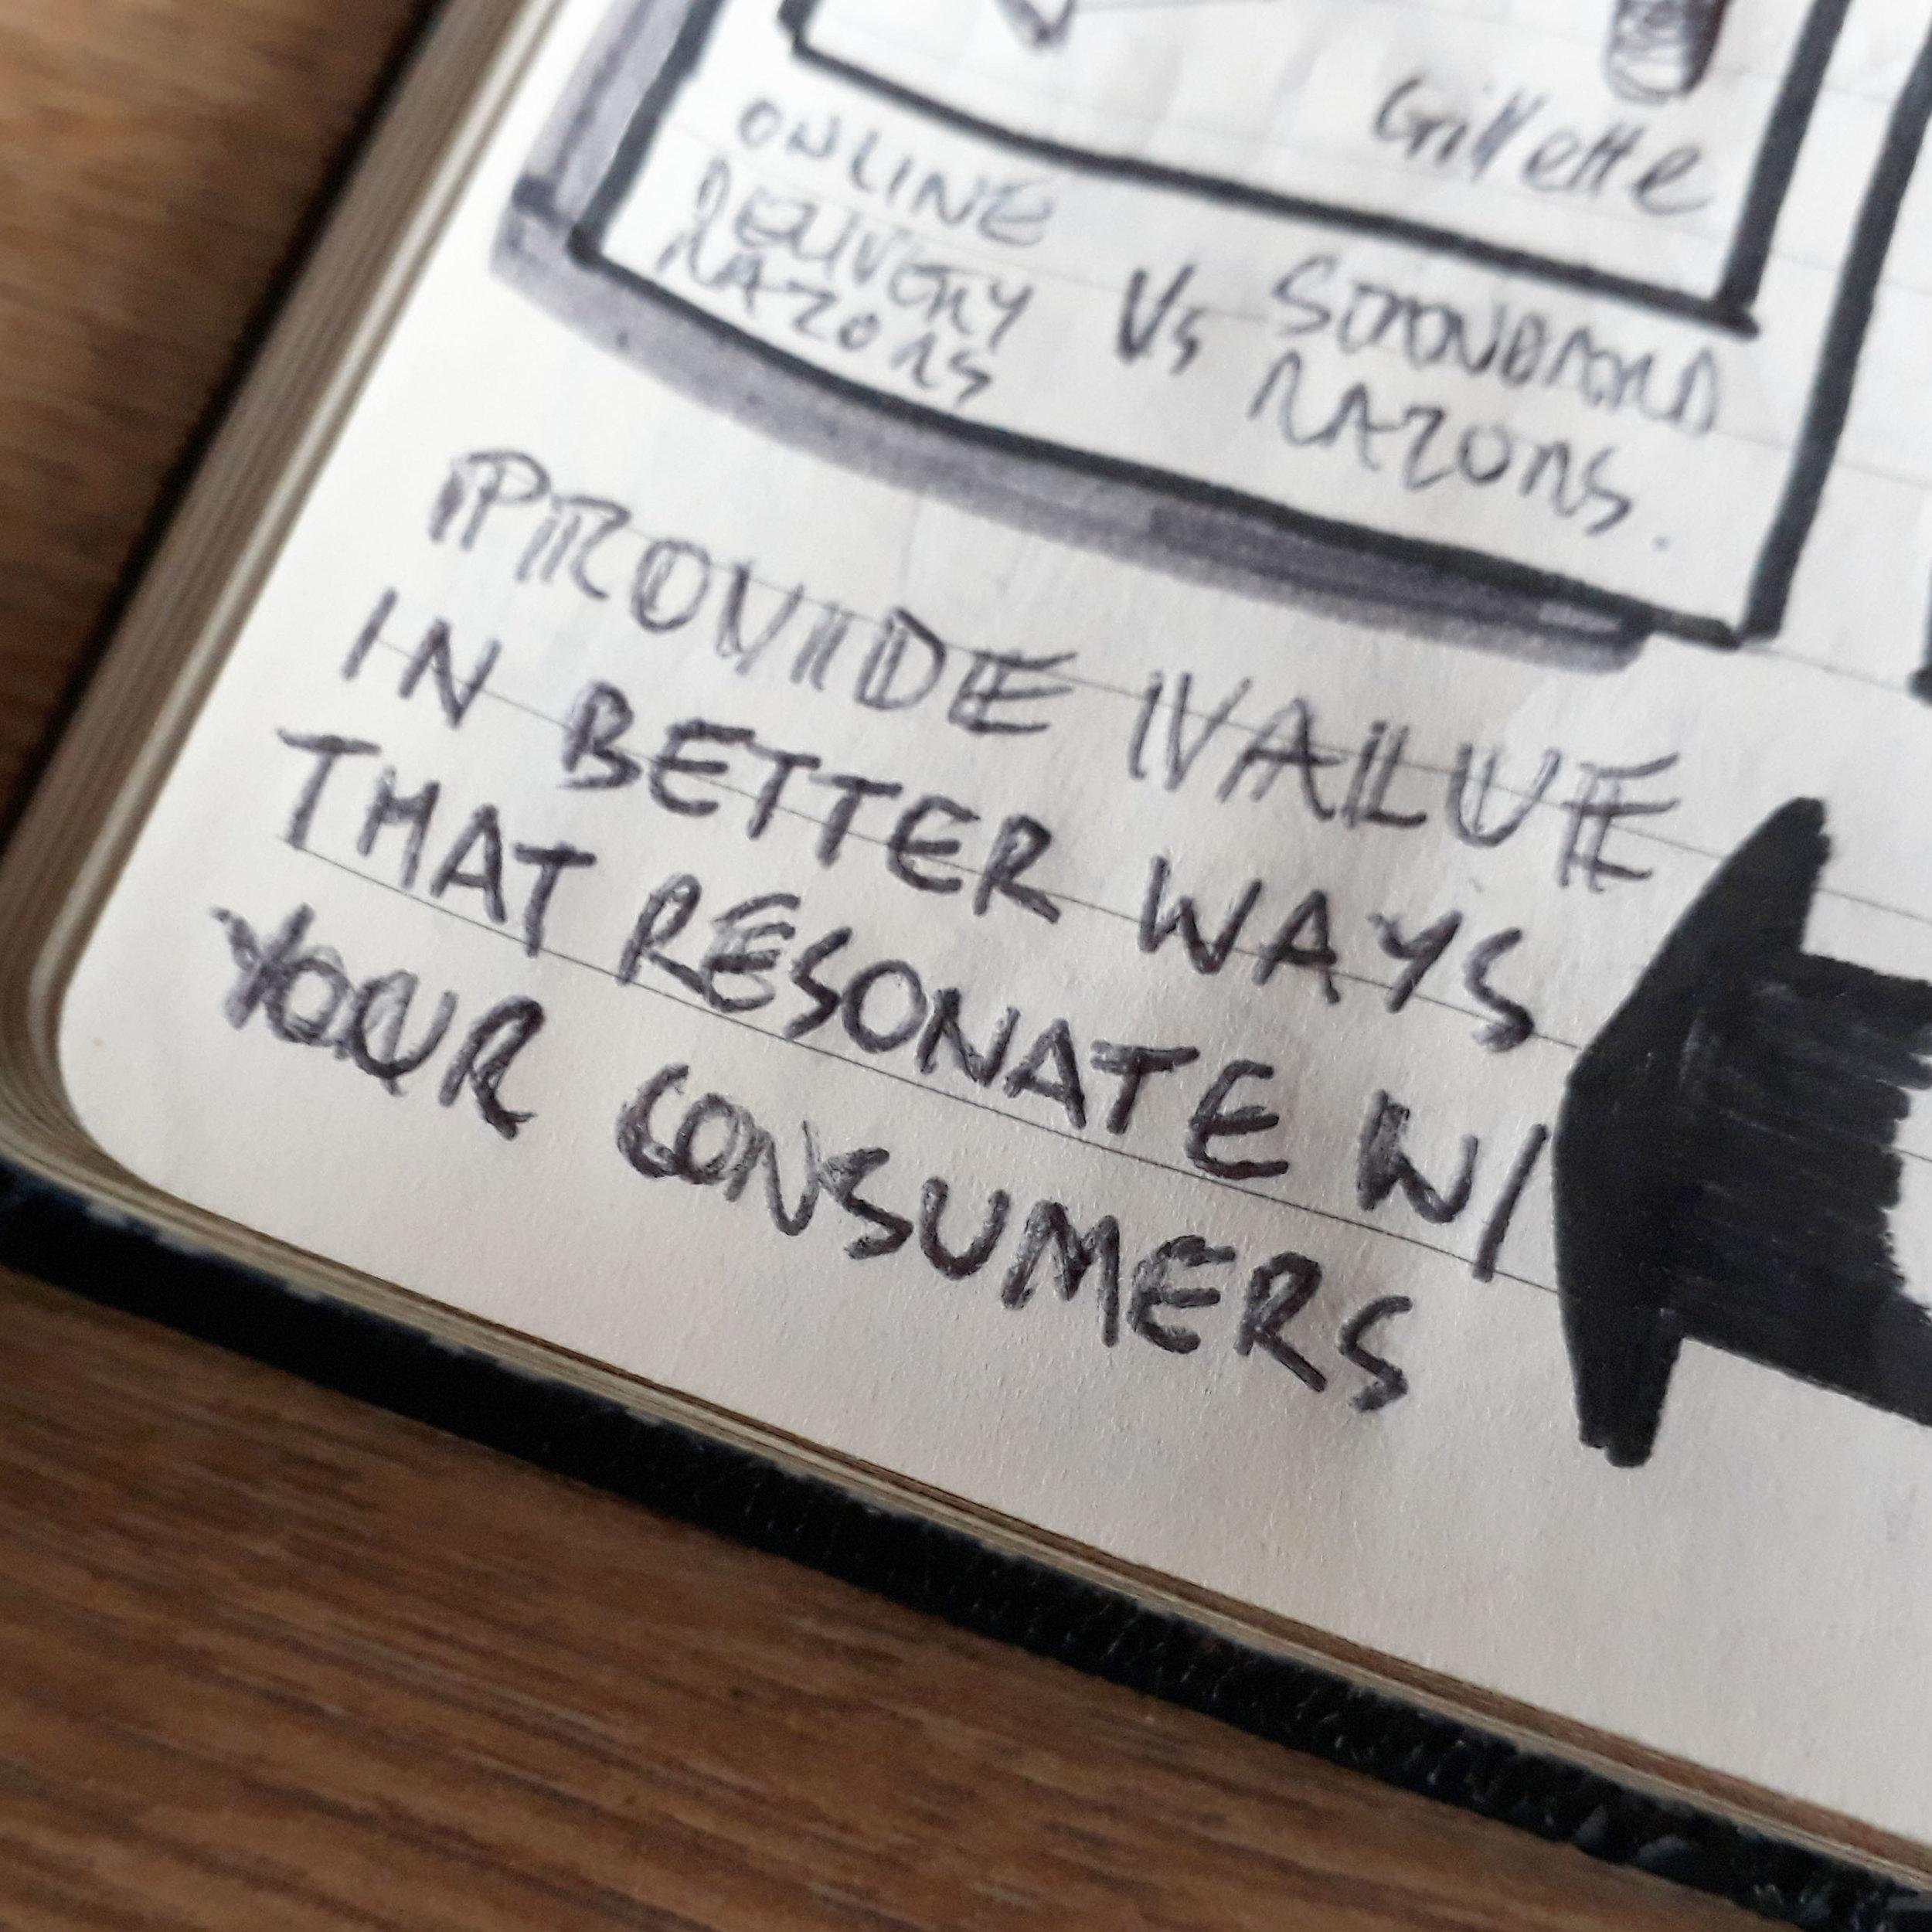 ValueInDesign-Part3.7.jpg